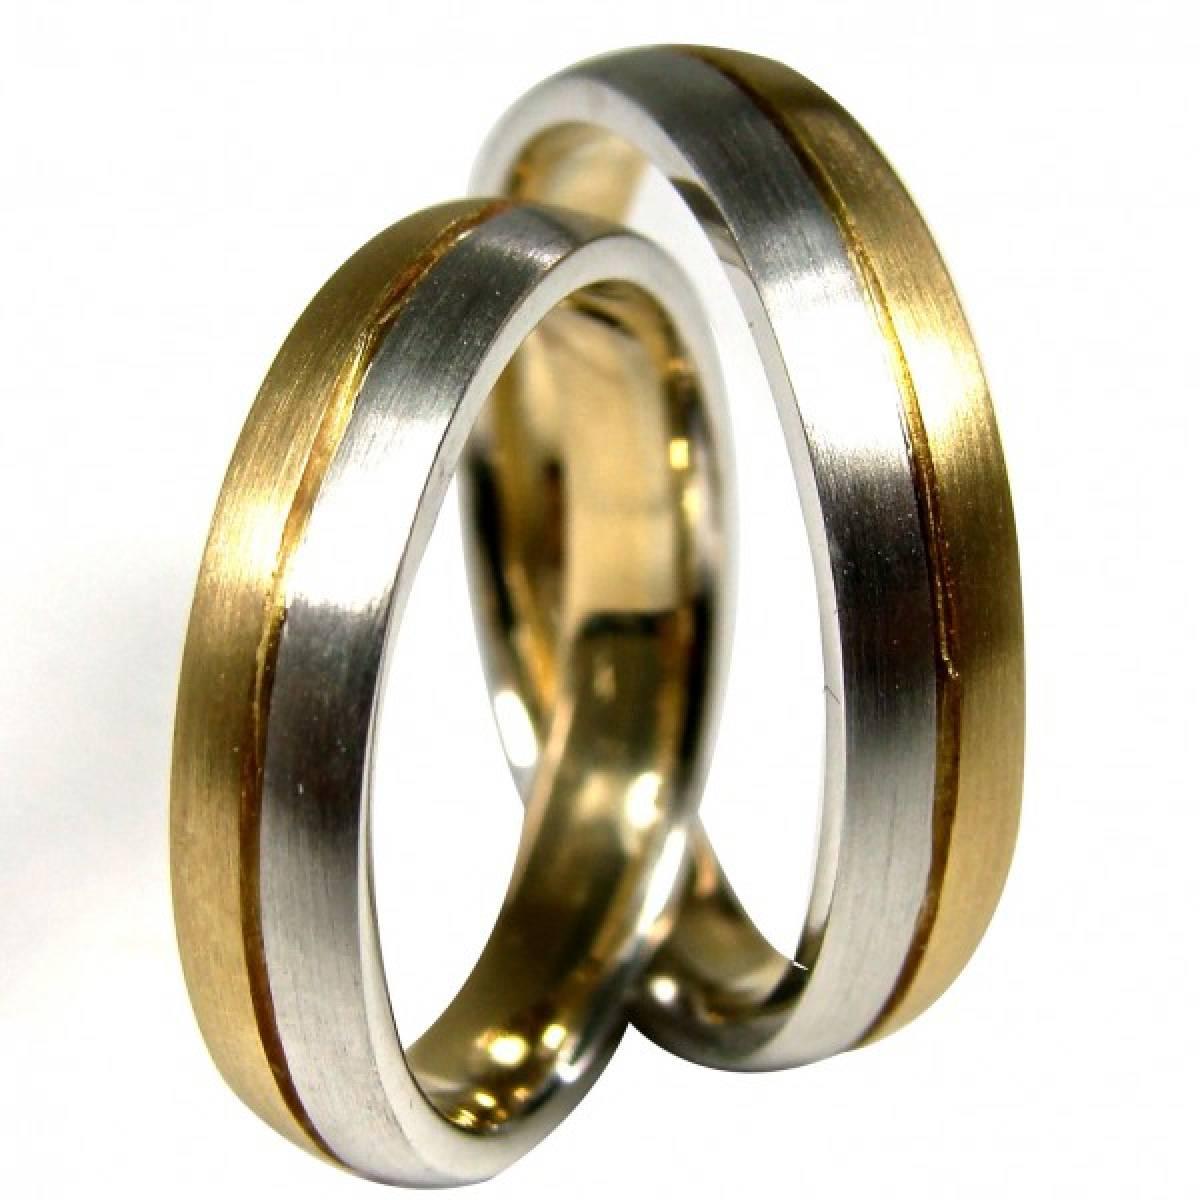 Alianças de Casamento foscadas, bicolores em ouro de 9 e 19 kts